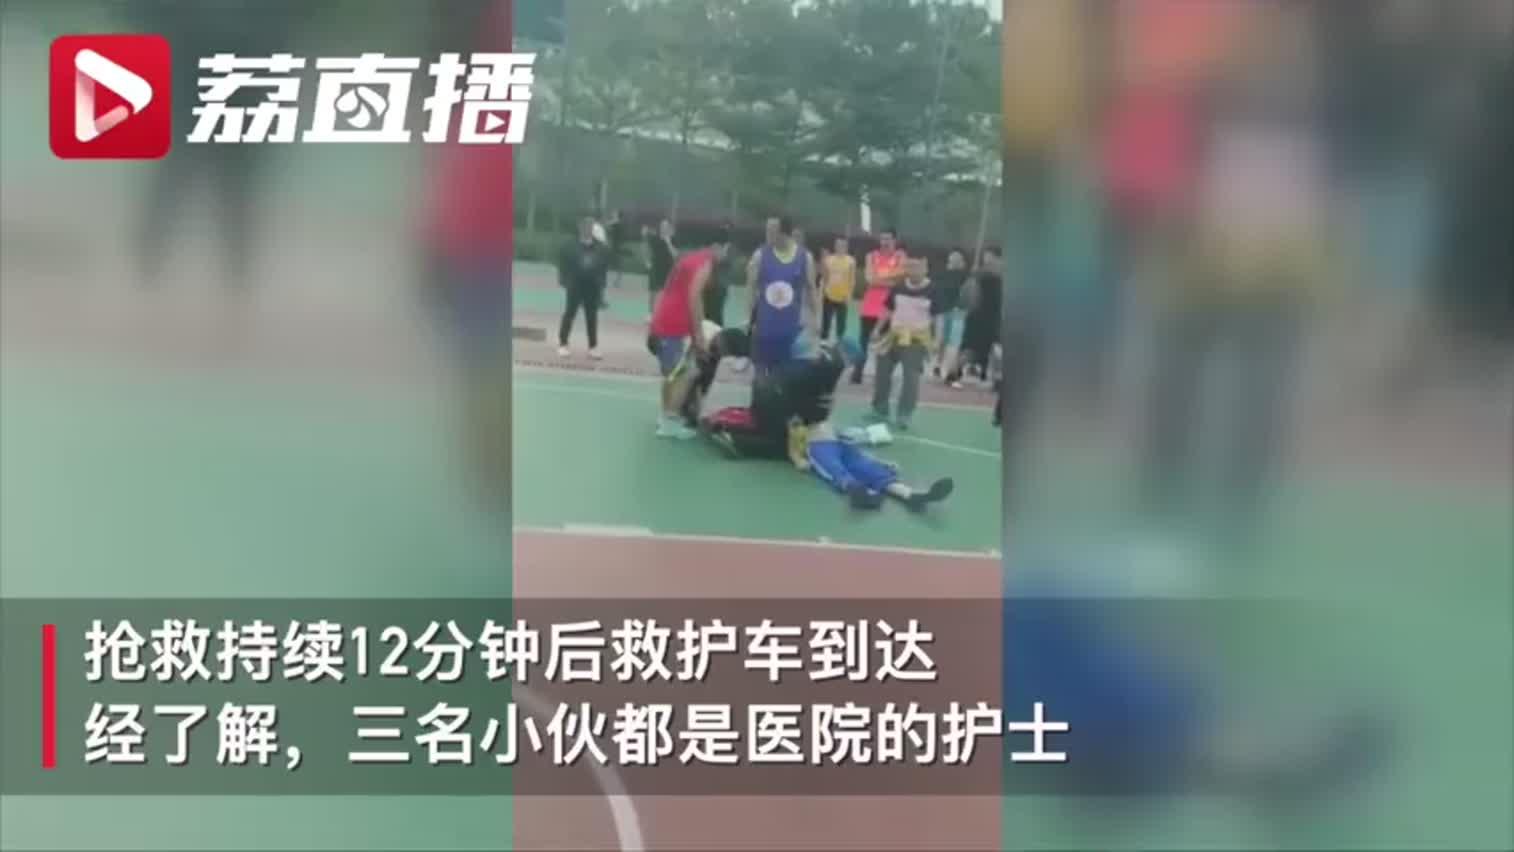 视频-男子球场心跳骤停遇上3名打球男护士